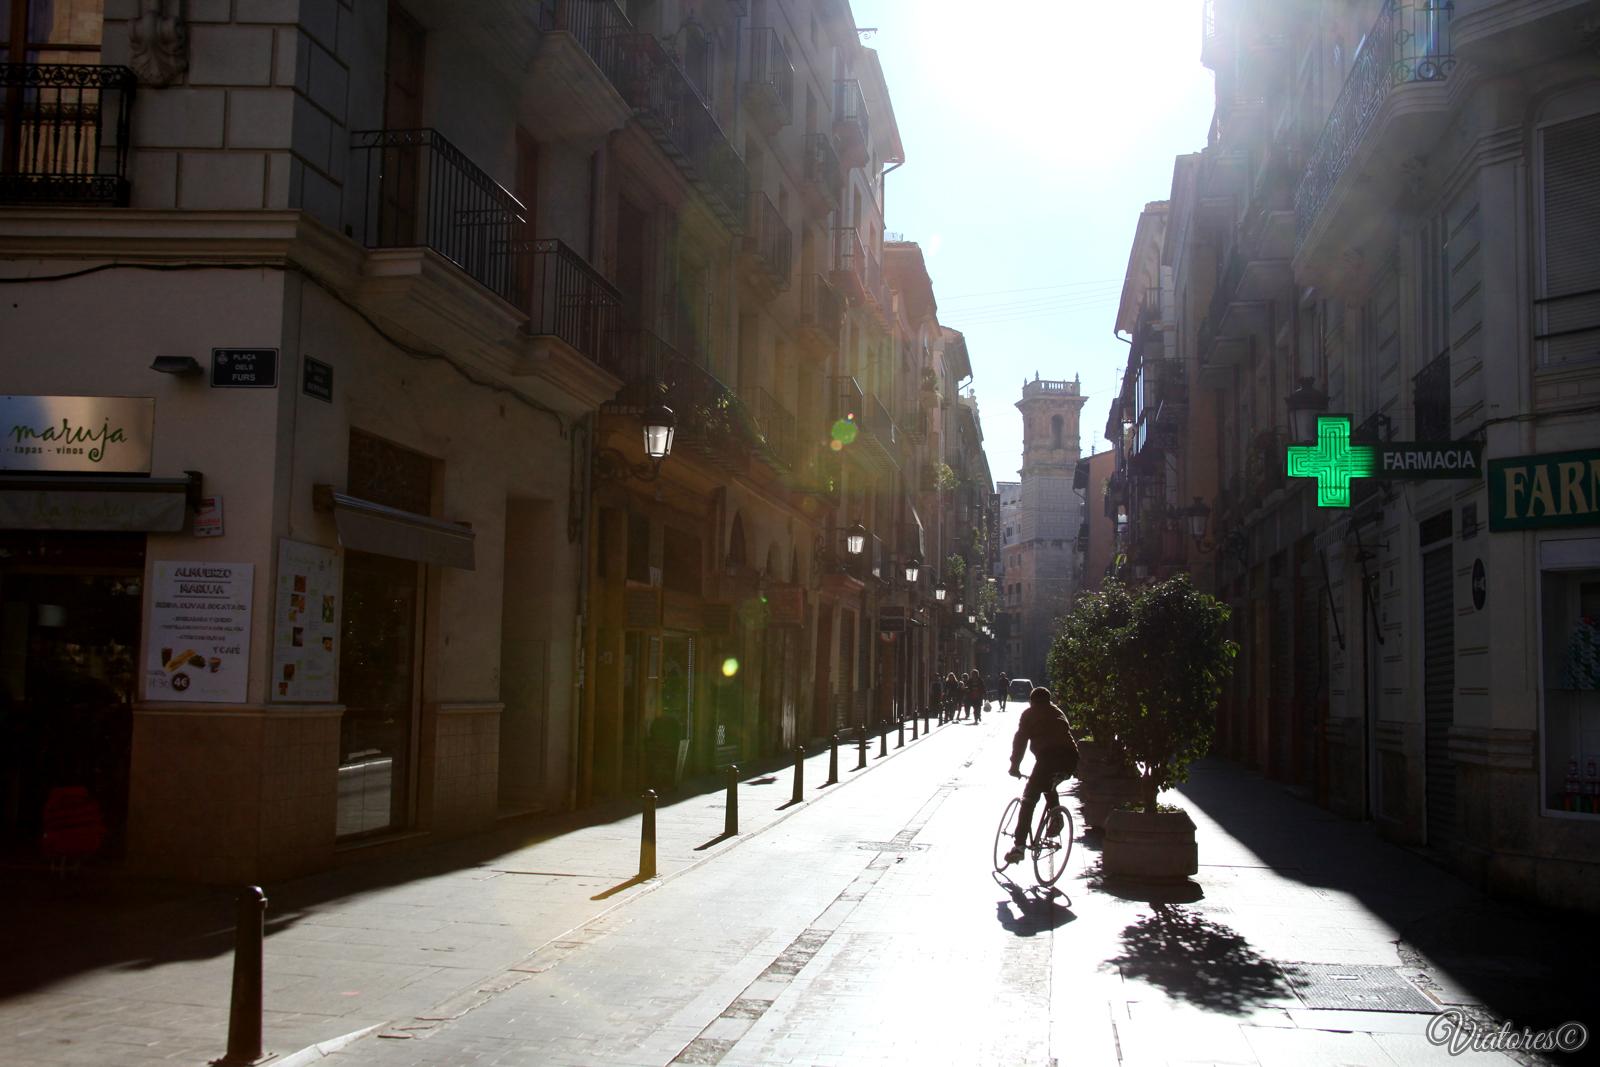 Valencia. Spain